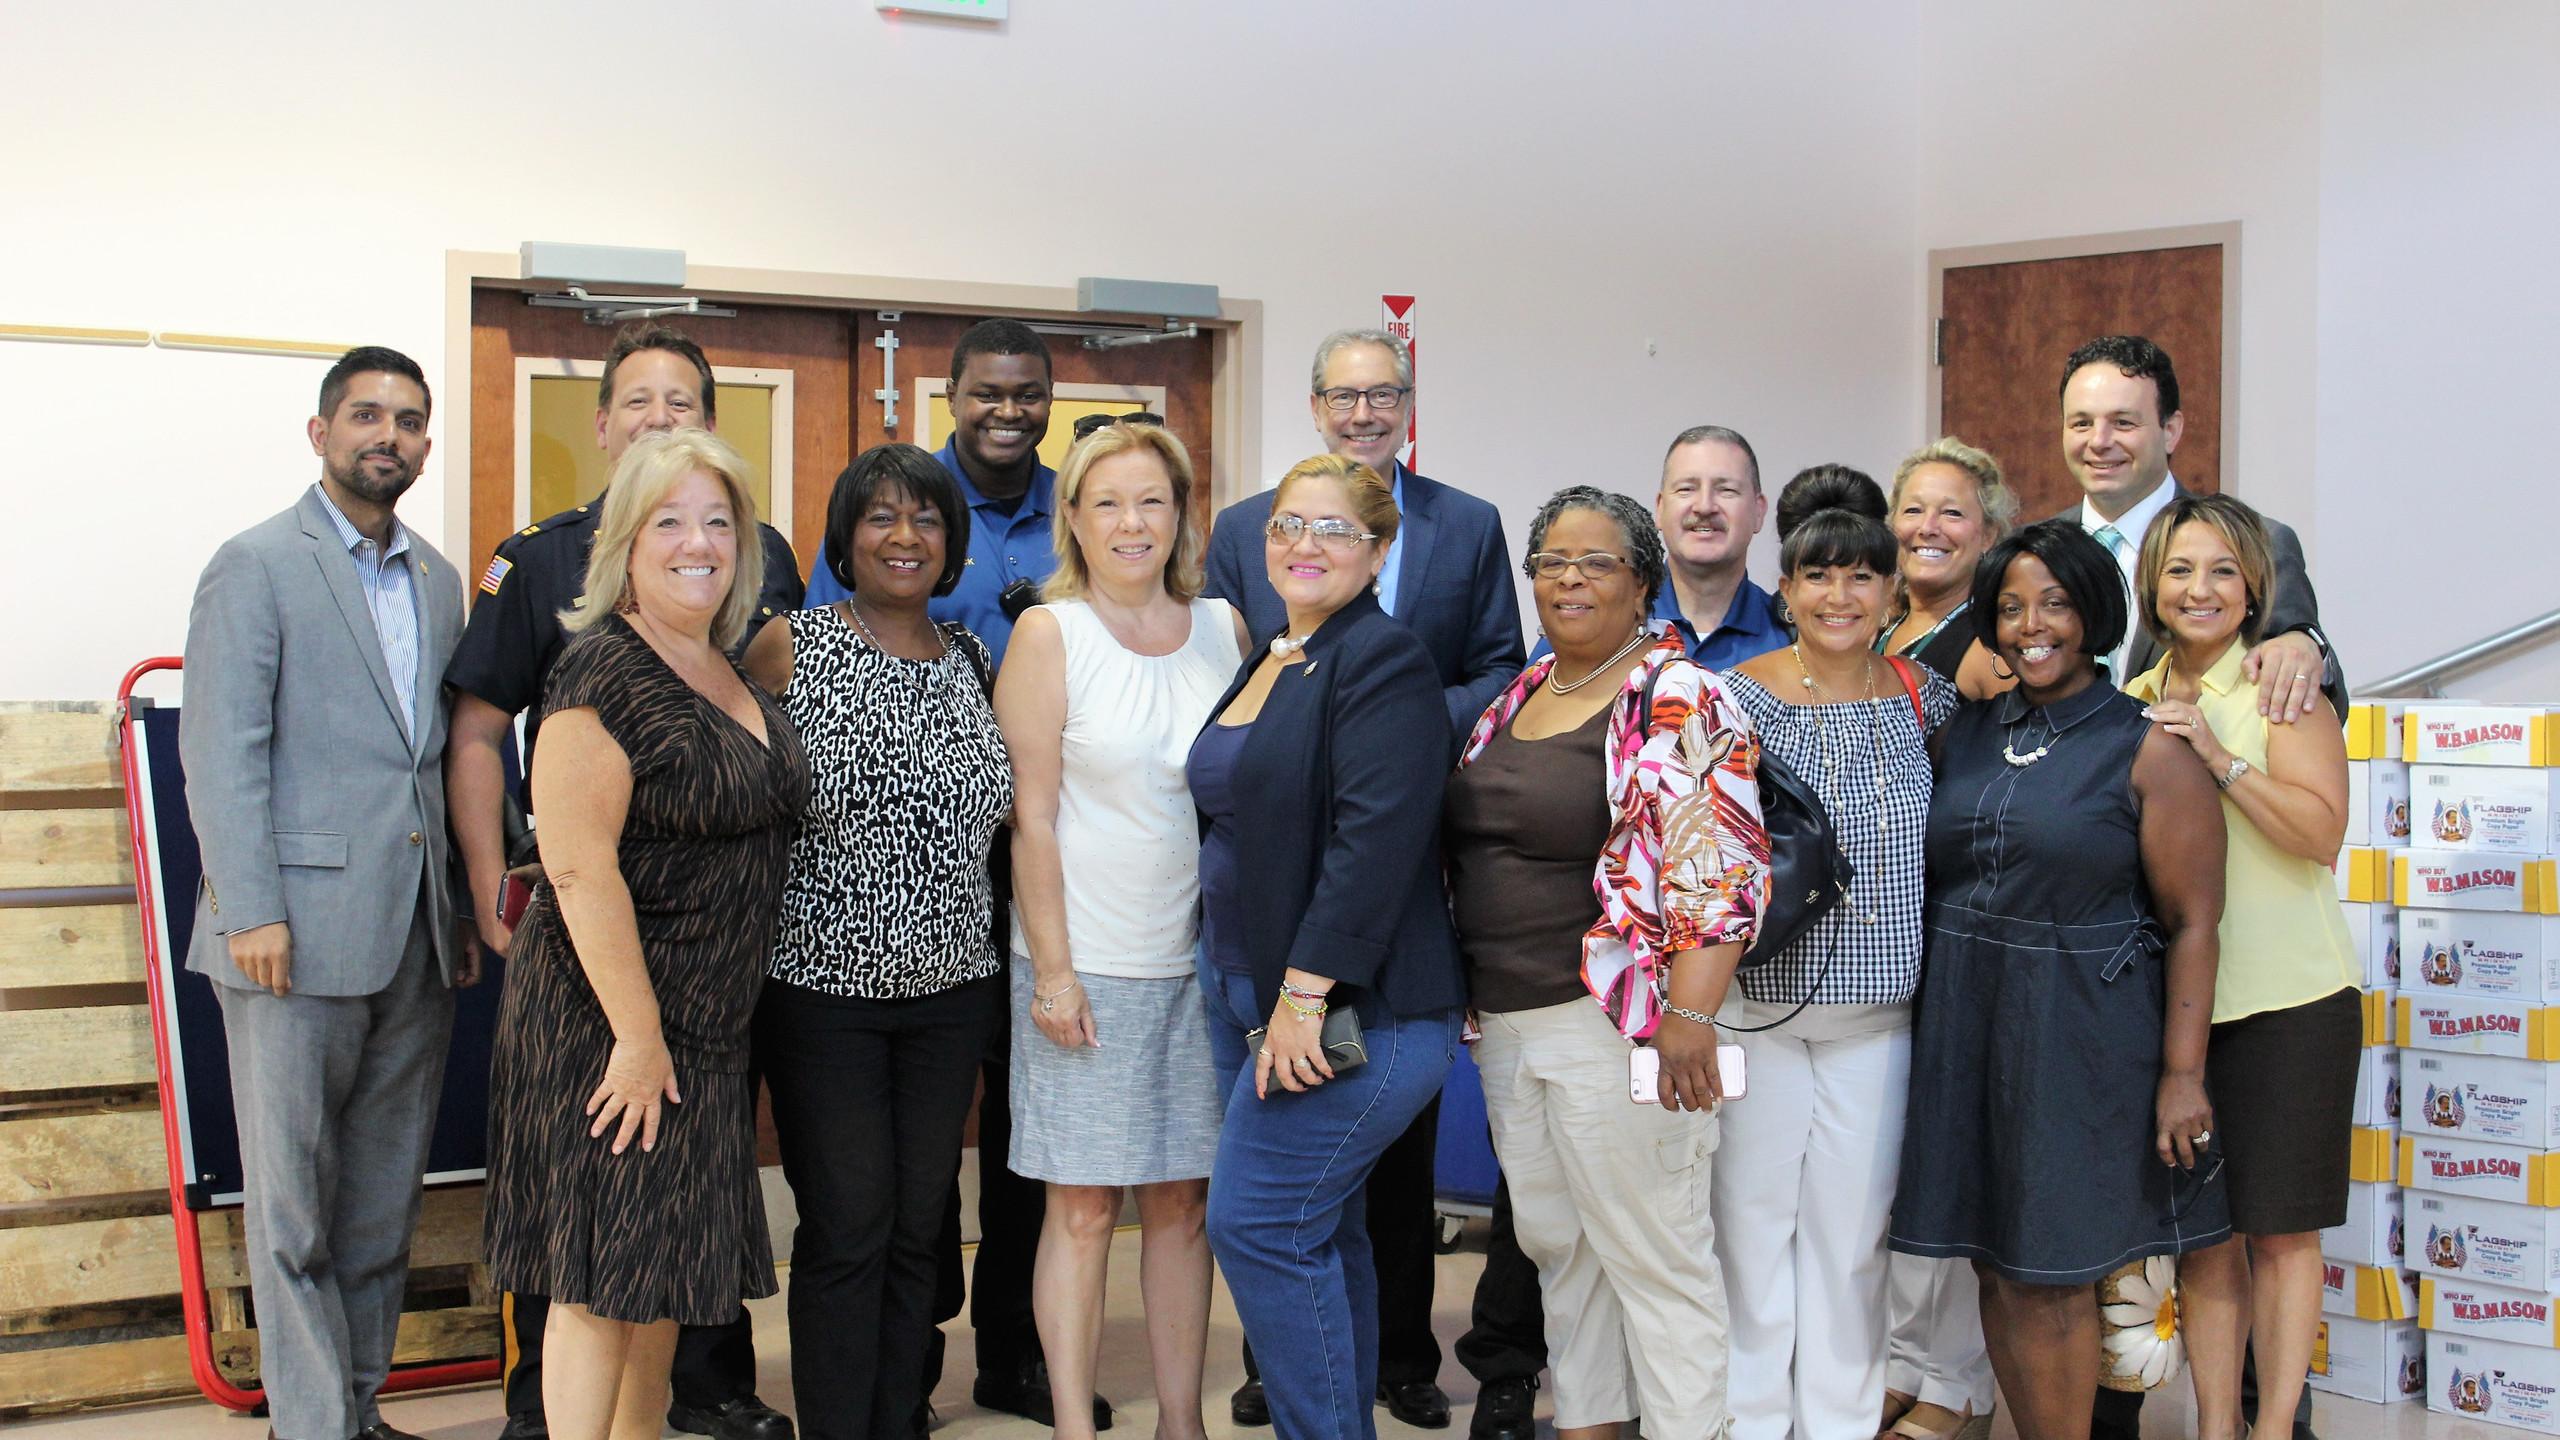 Community Leaders in Eastside Center